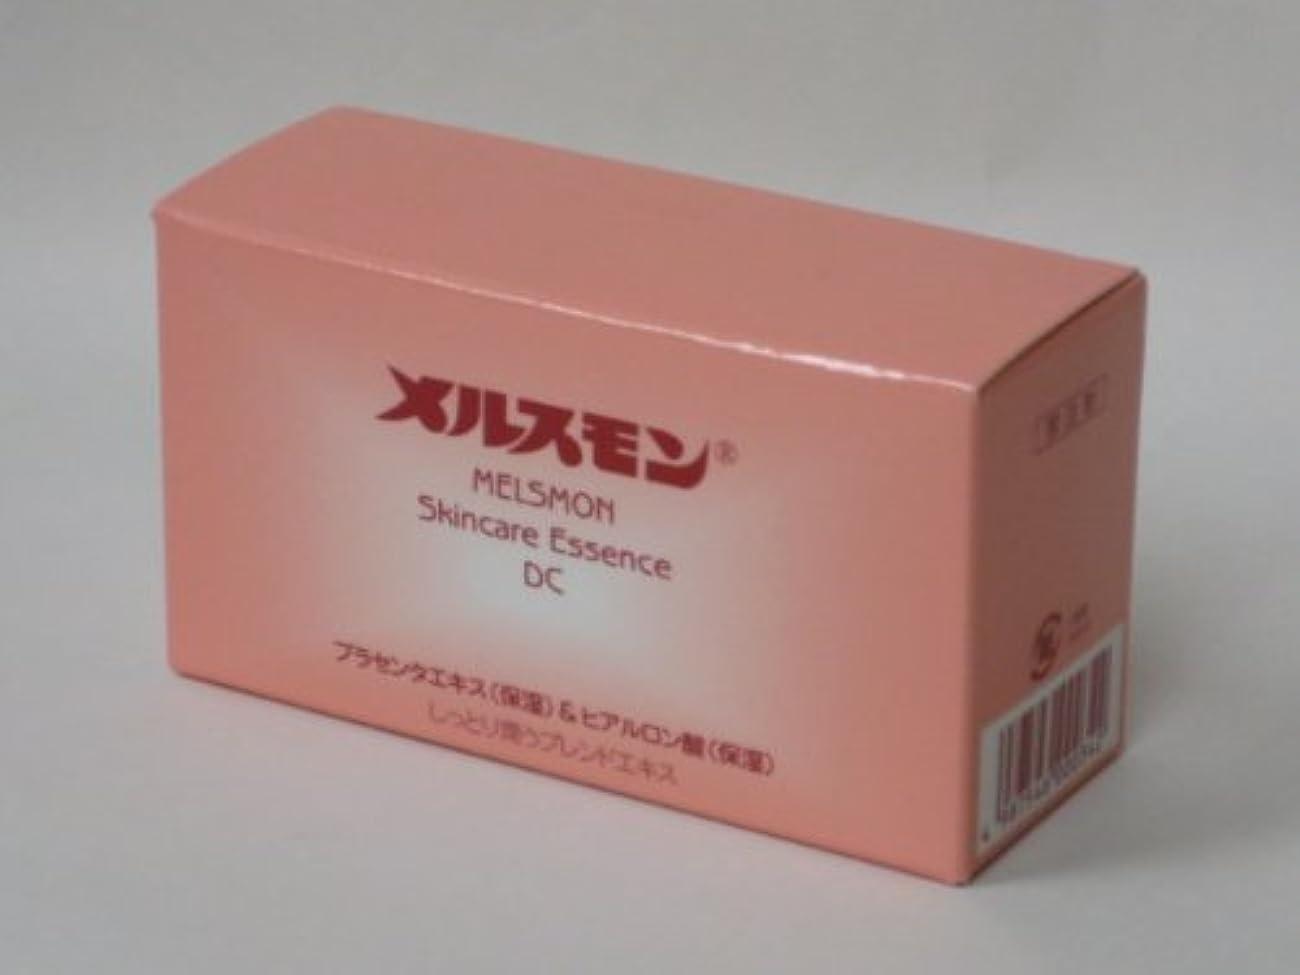 殺人者マディソンクリープメルスモンスキンケアエッセンス10ml x 3×3箱